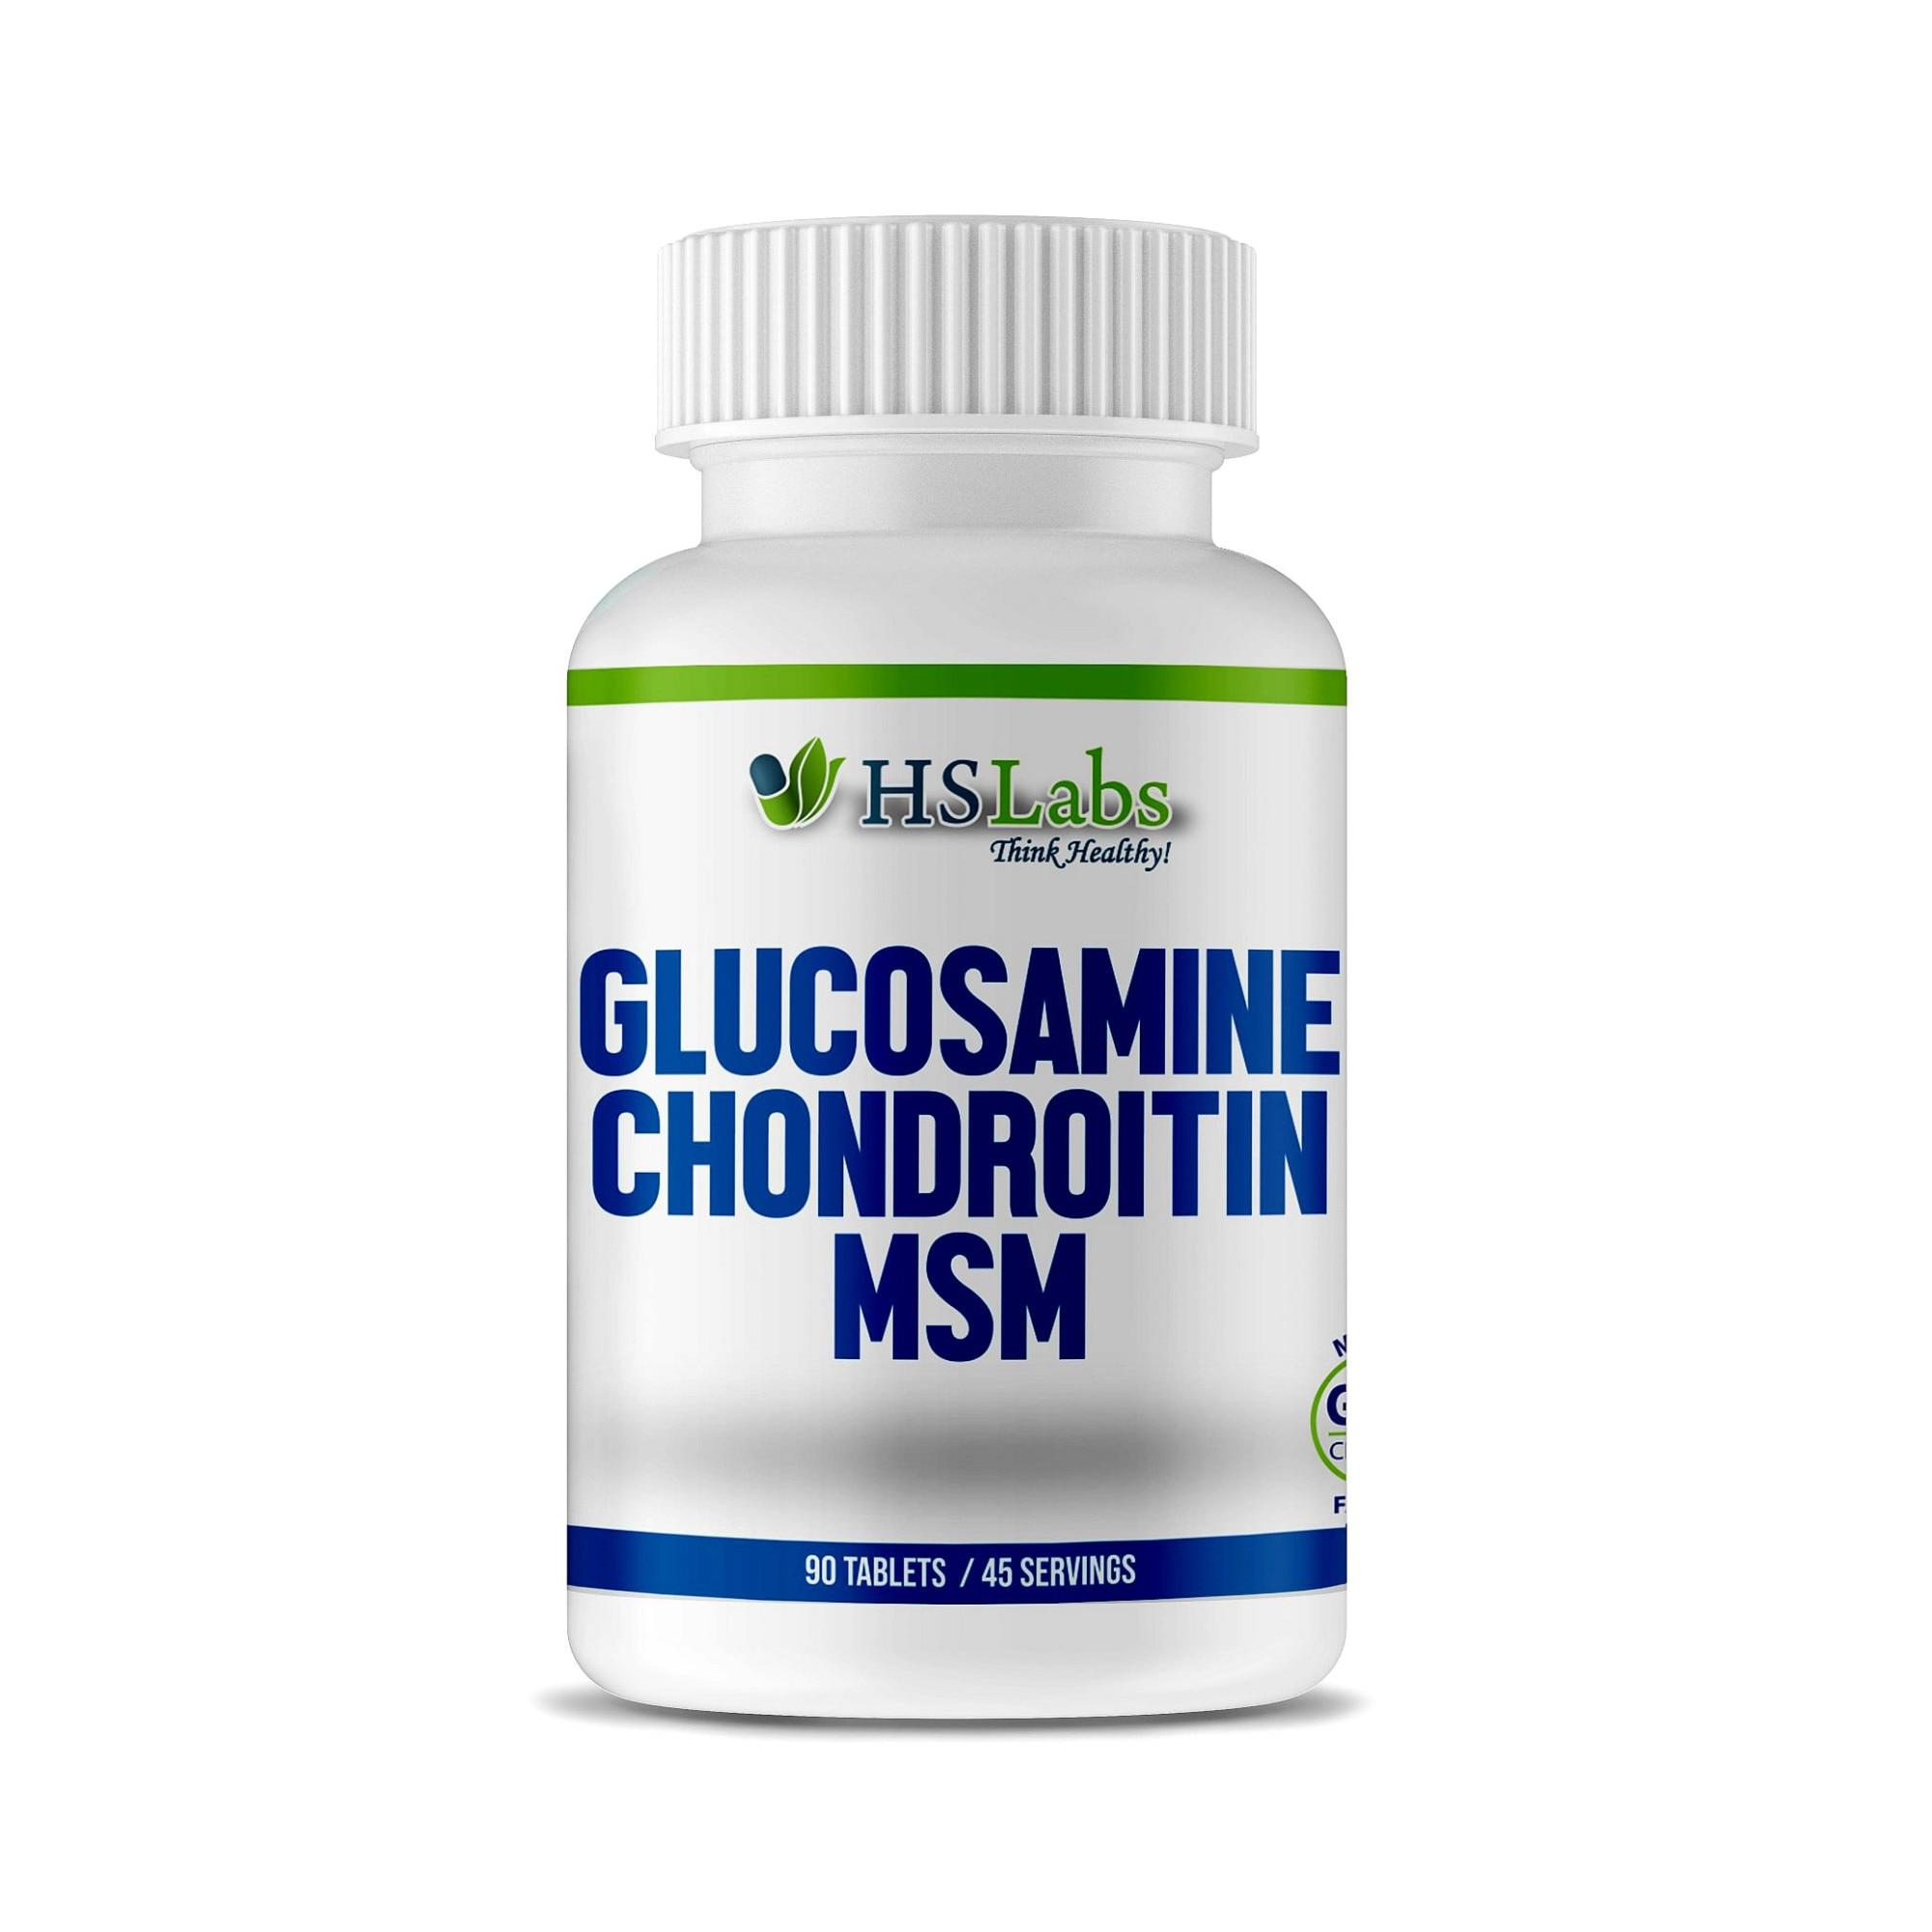 preparate care conțin glucozamină și condroitină